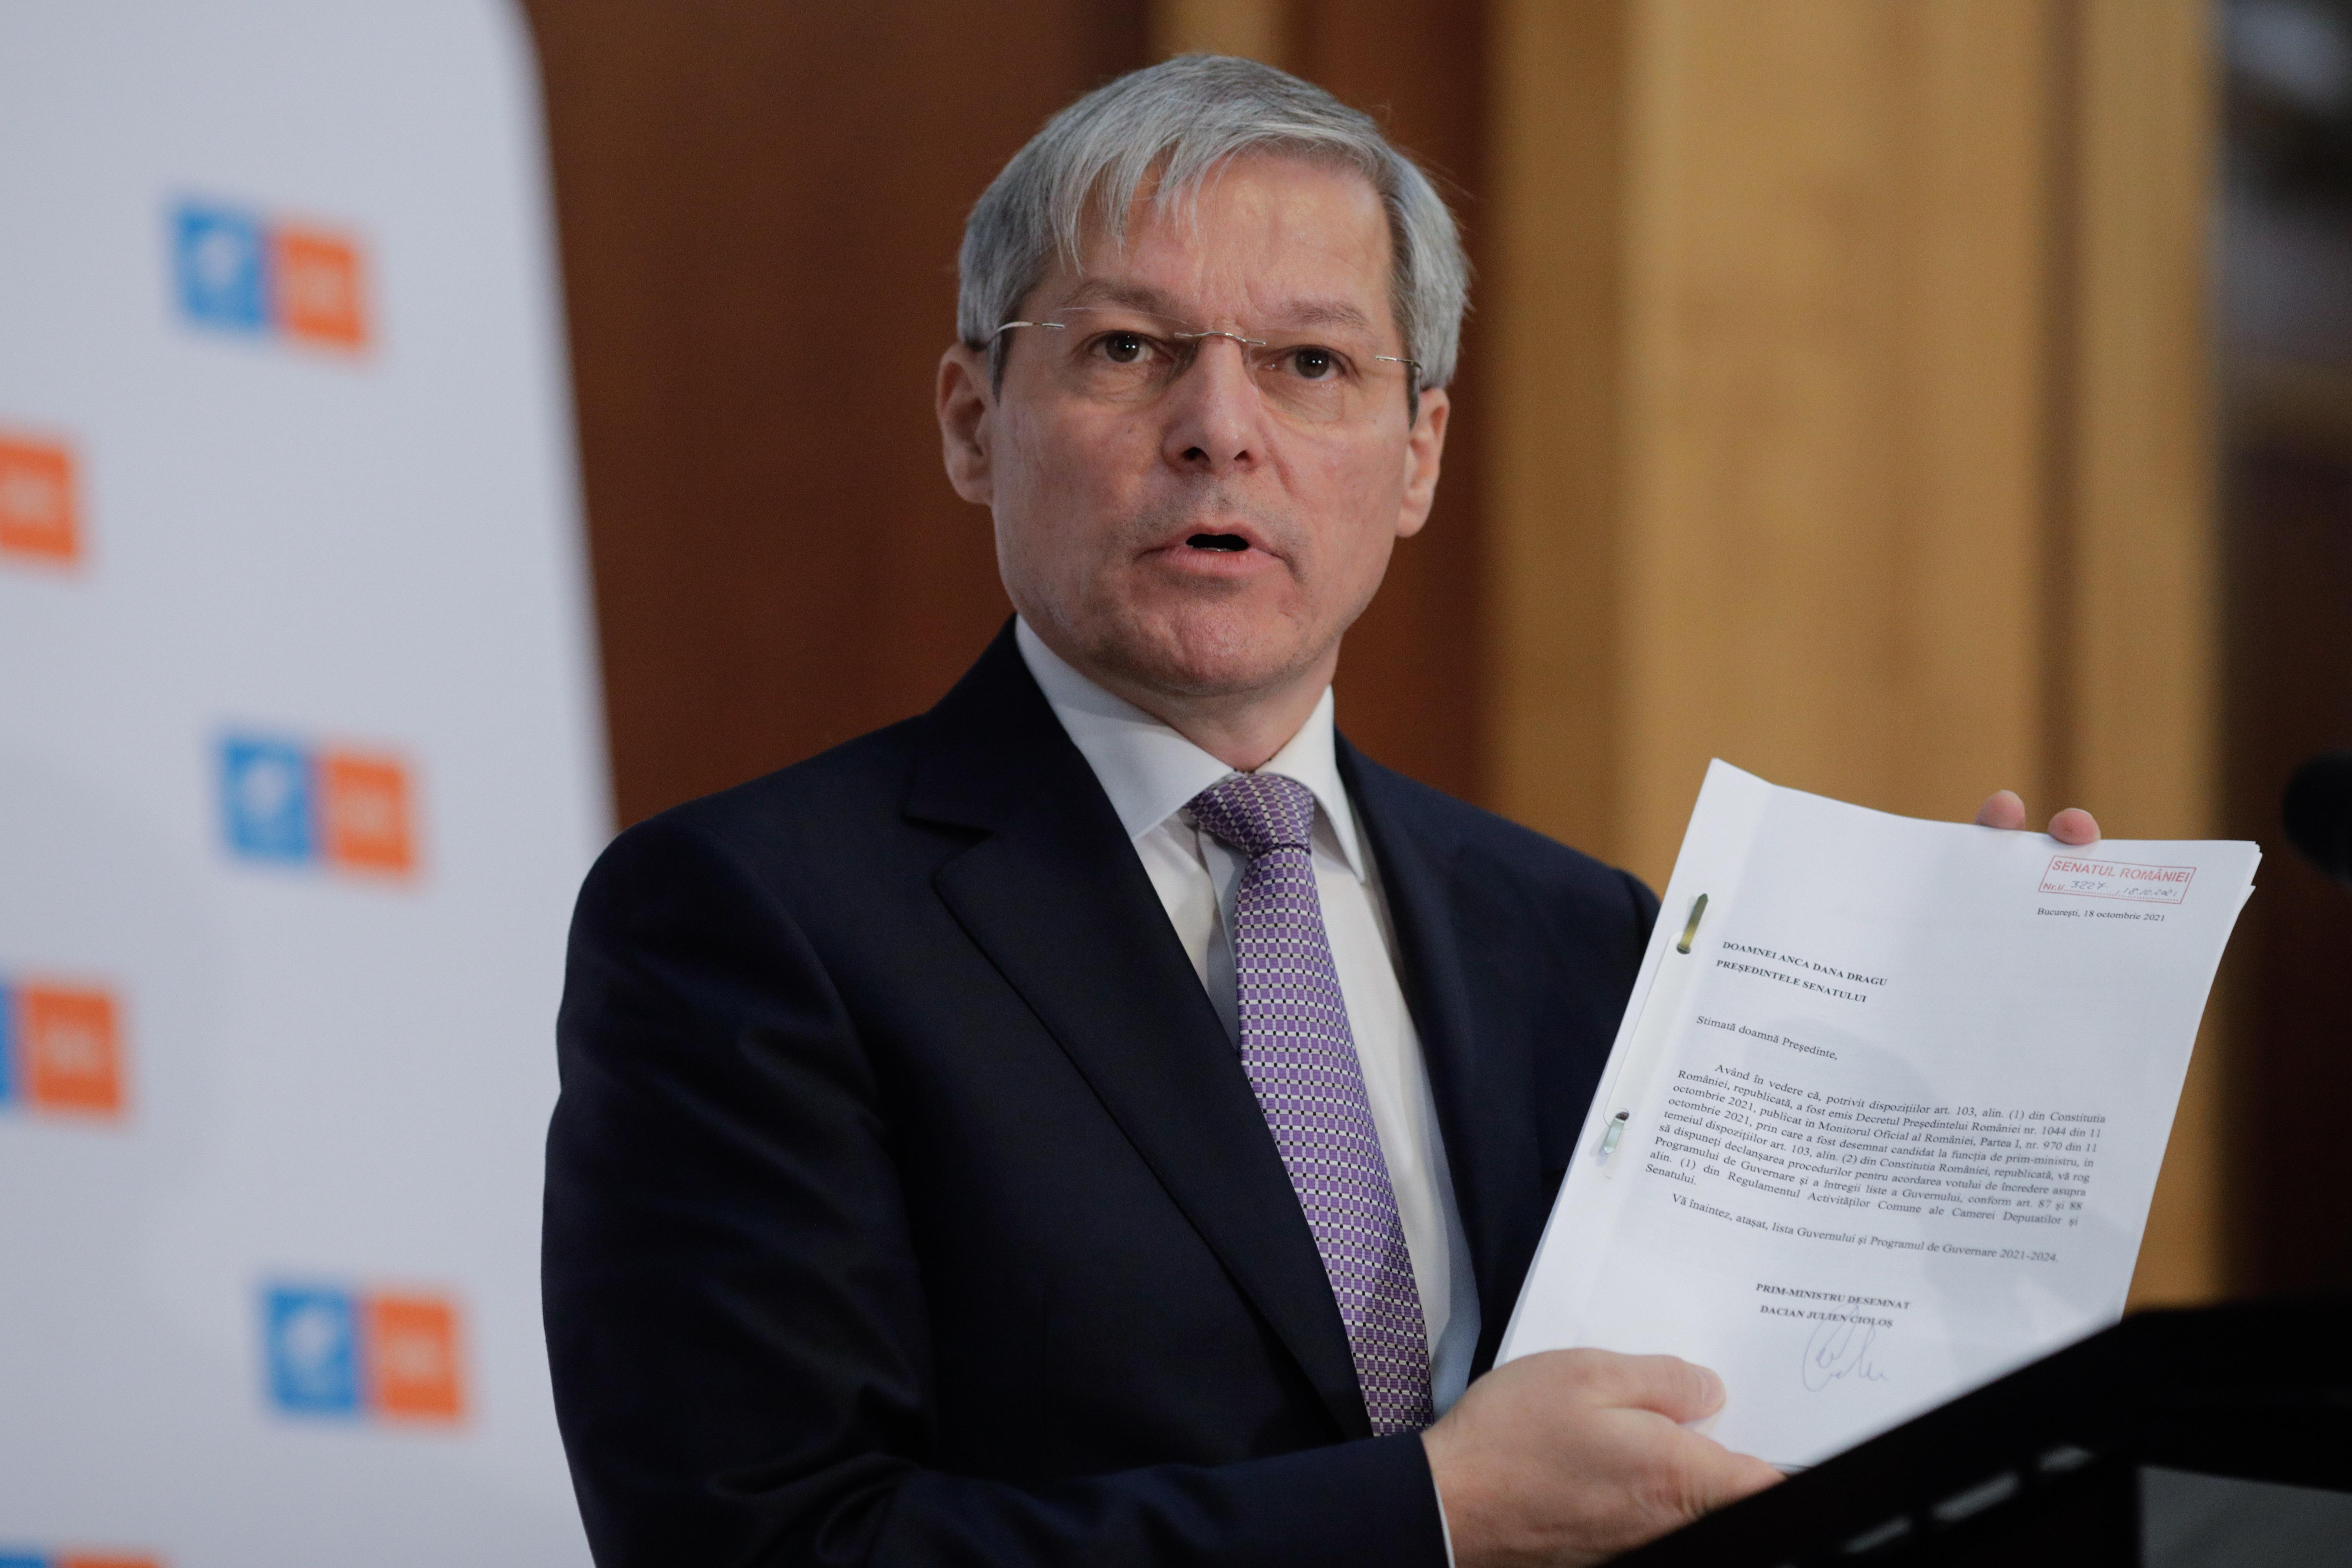 Miniştrii propuşi de Dacian Cioloş vor fi audiaţi marți de comisiile de specialitate